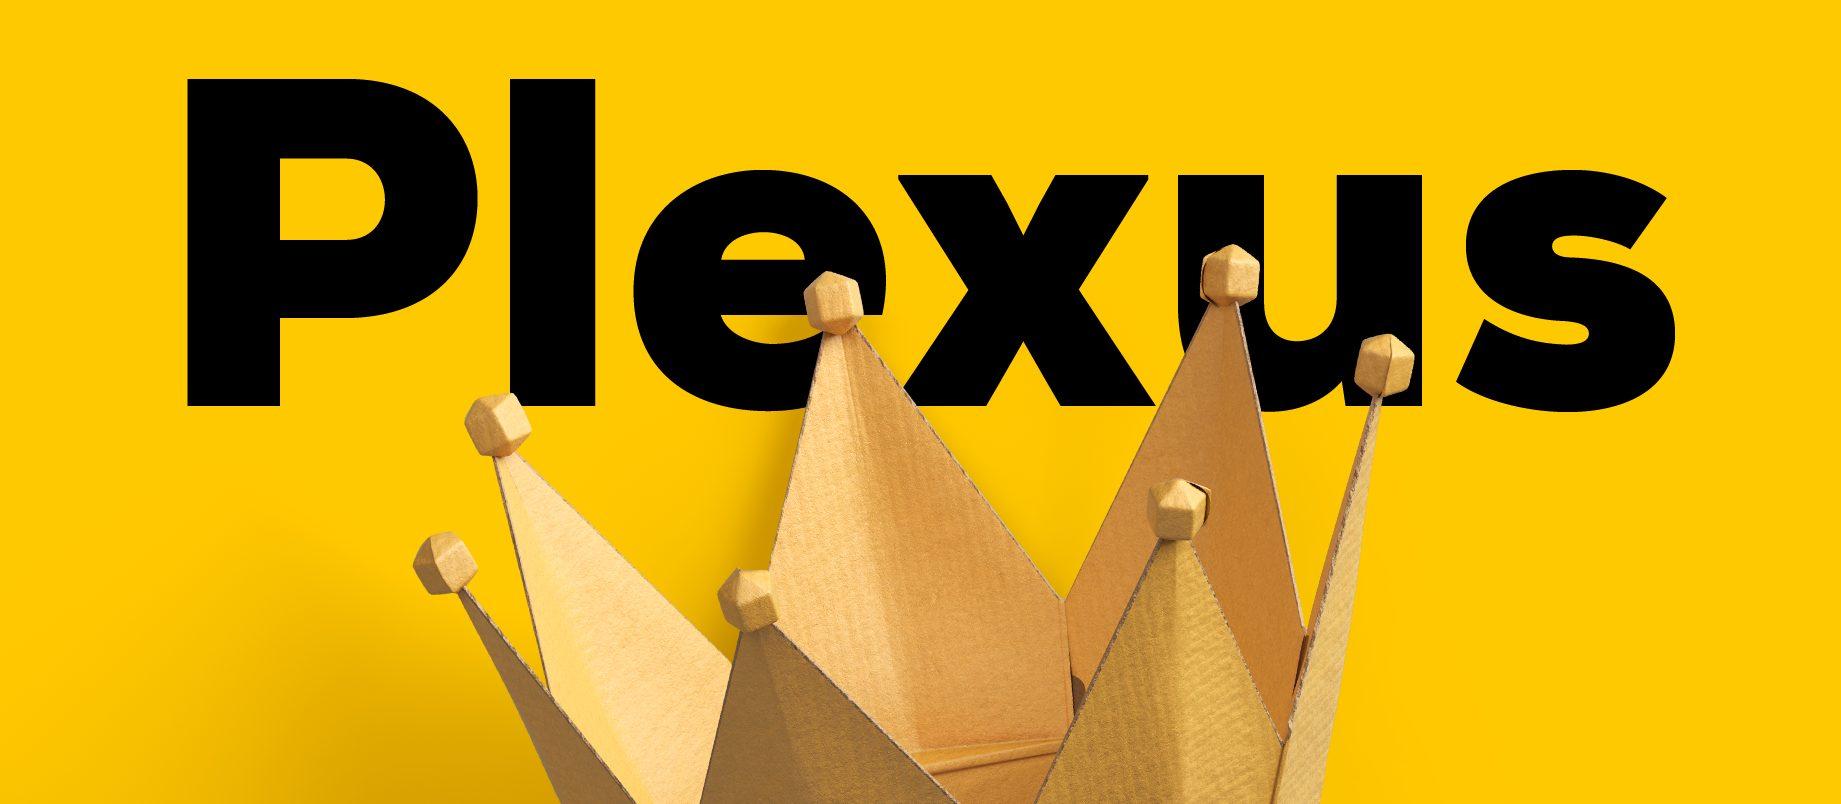 Plexus header graphic bold crown black